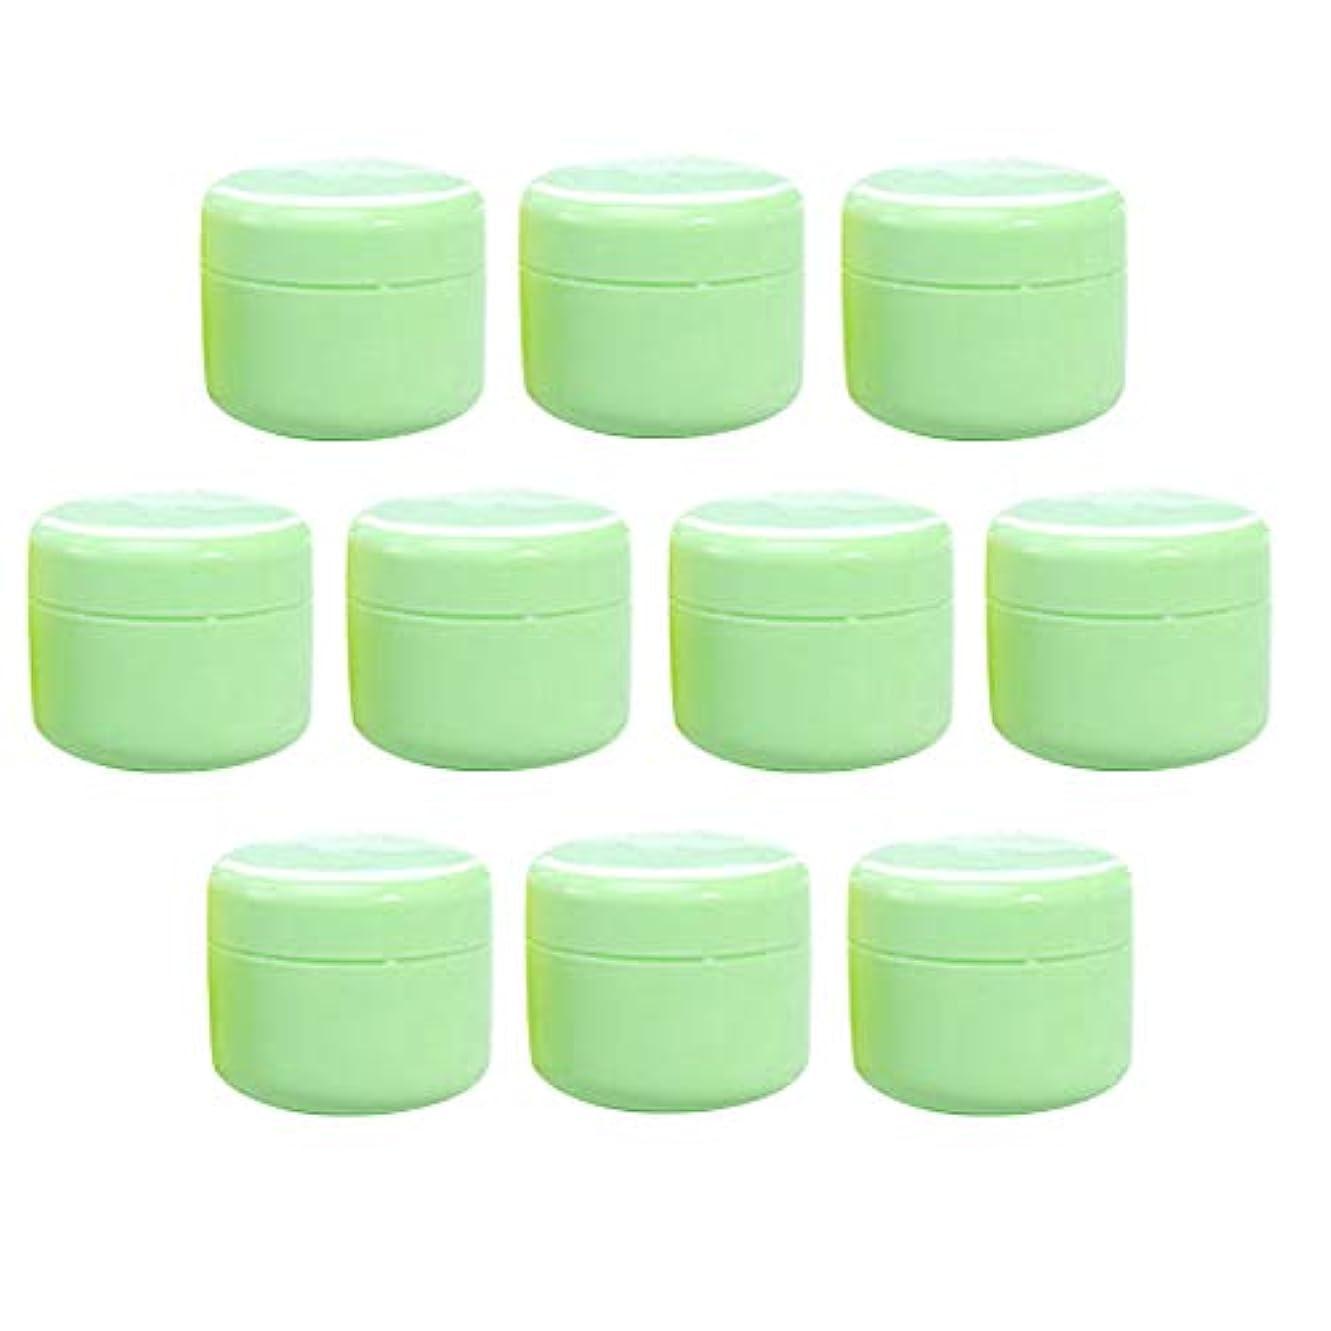 セージ困惑するかもしれない詰替え容器 化粧品容器 空のボトル クリームボトル クリーム容器 旅行用品 10個入り 全15選択 - グリーン20g